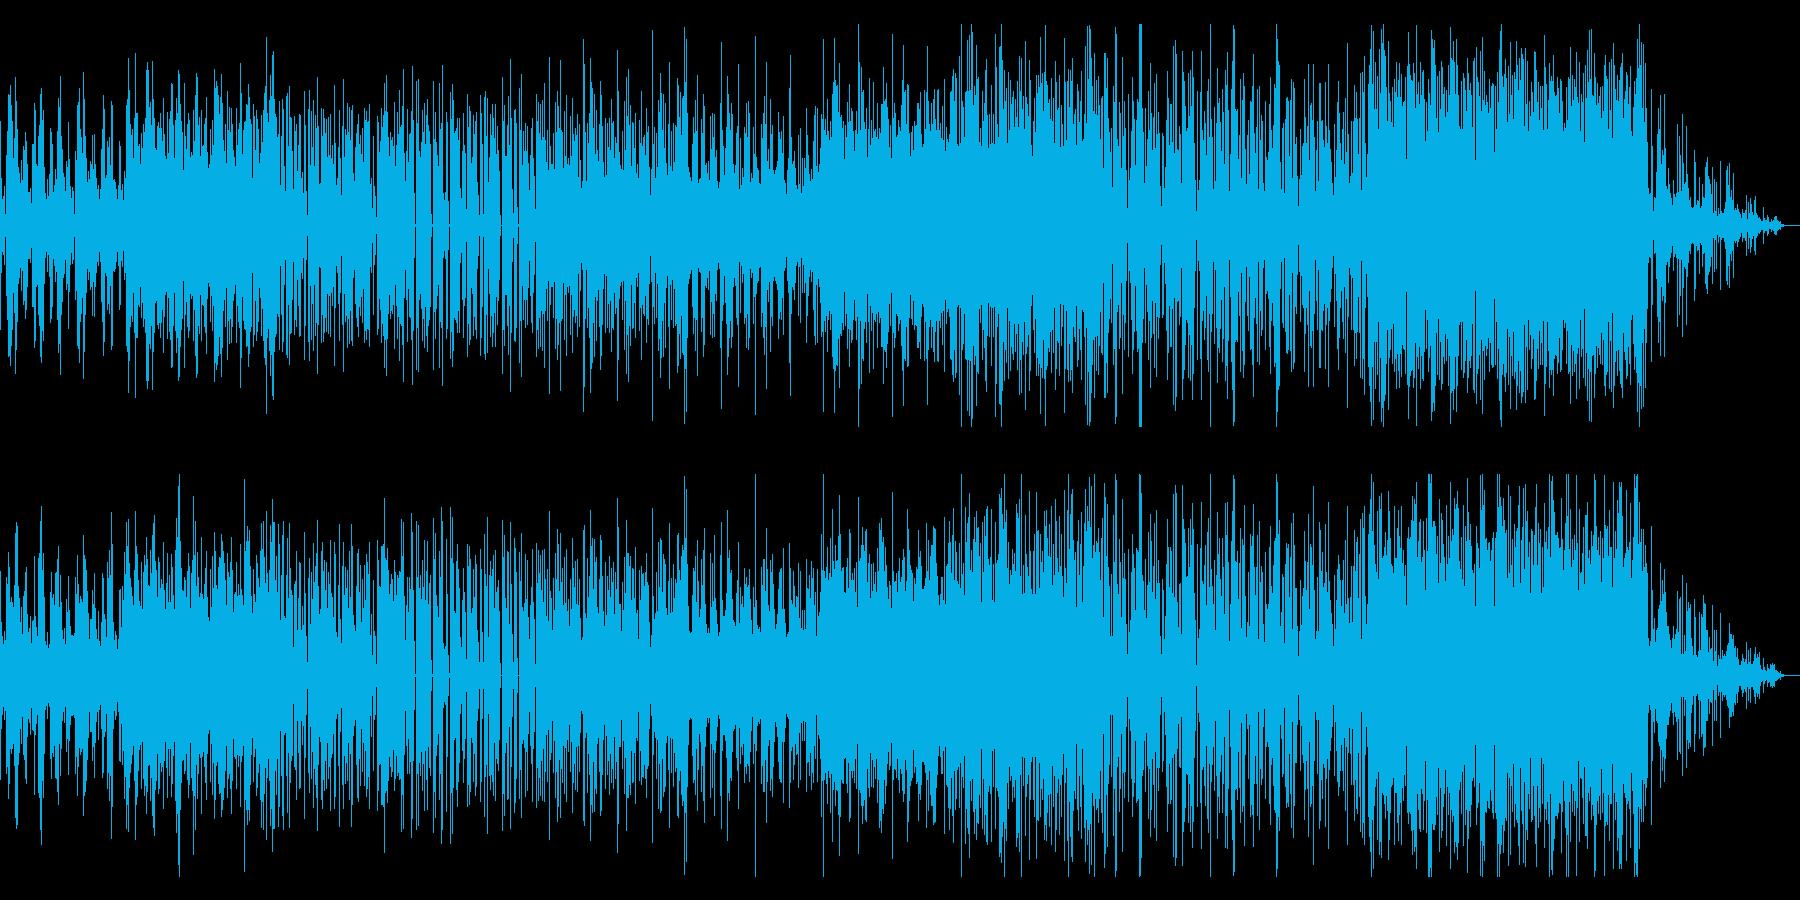 うねる音の主張の独特なシネマティックBGの再生済みの波形